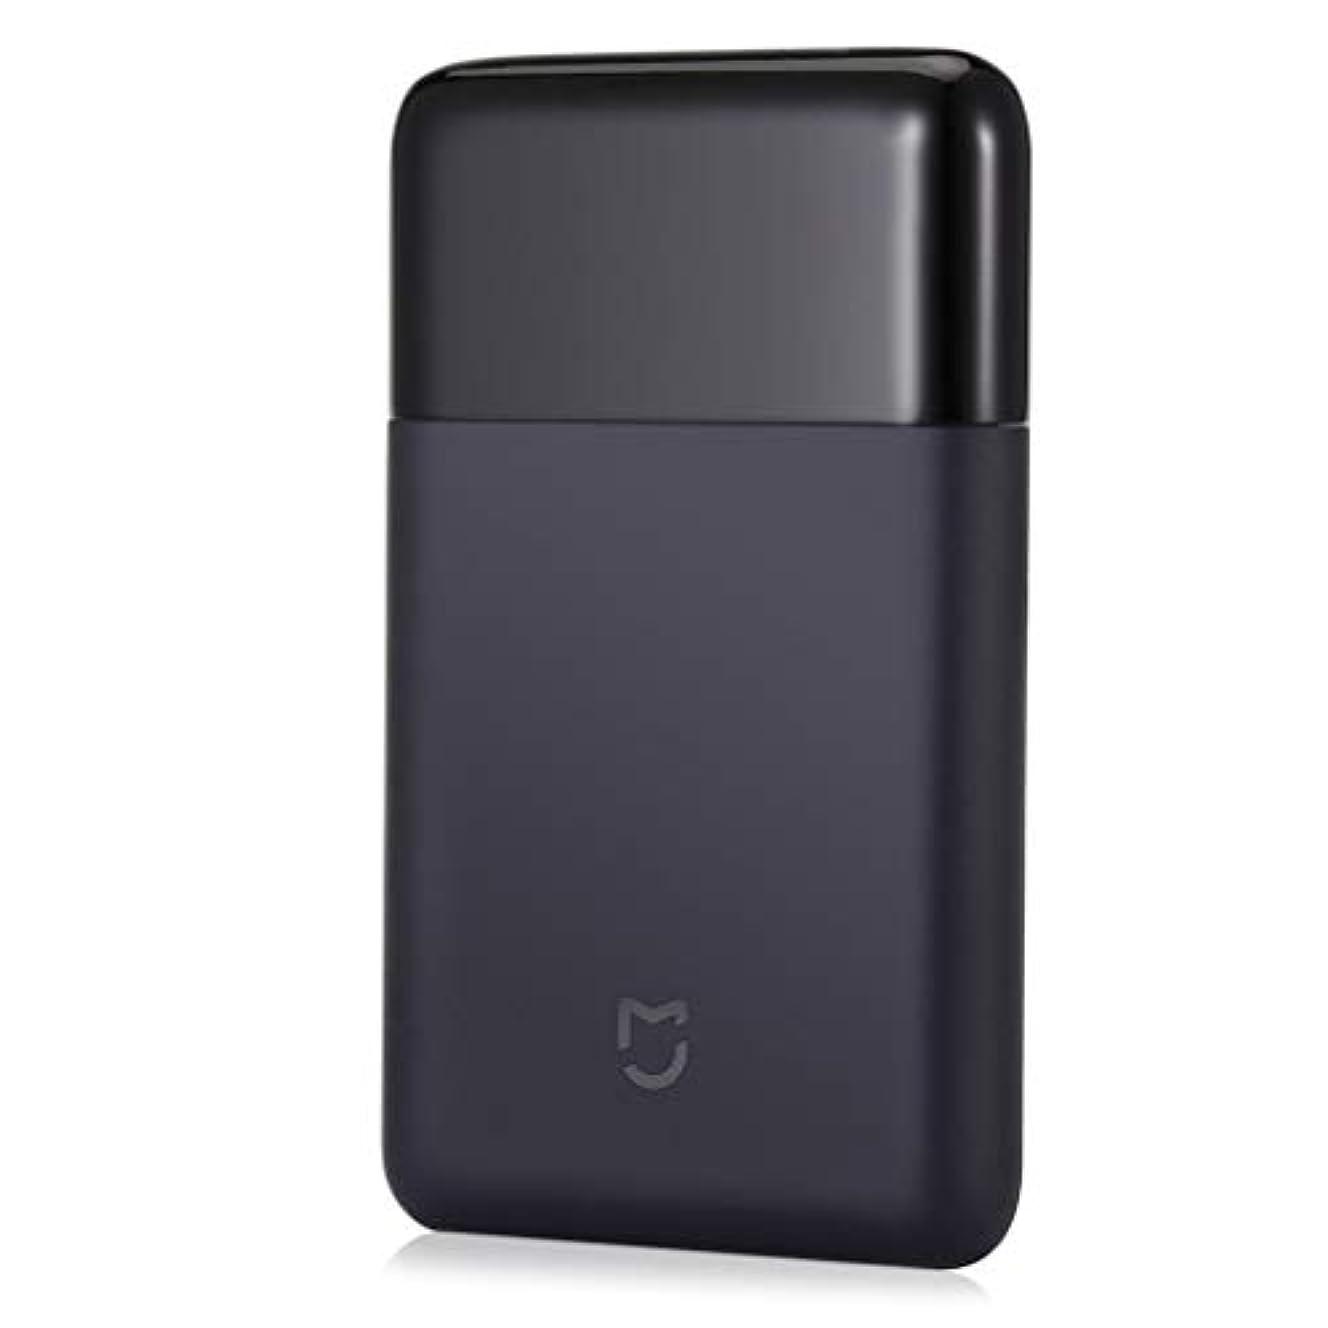 責めスケッチ有益のための取り外し可能なカミソリカッターを旅行充電式ポータブル電気シェーバーカミソリスチールメンズアウトドア